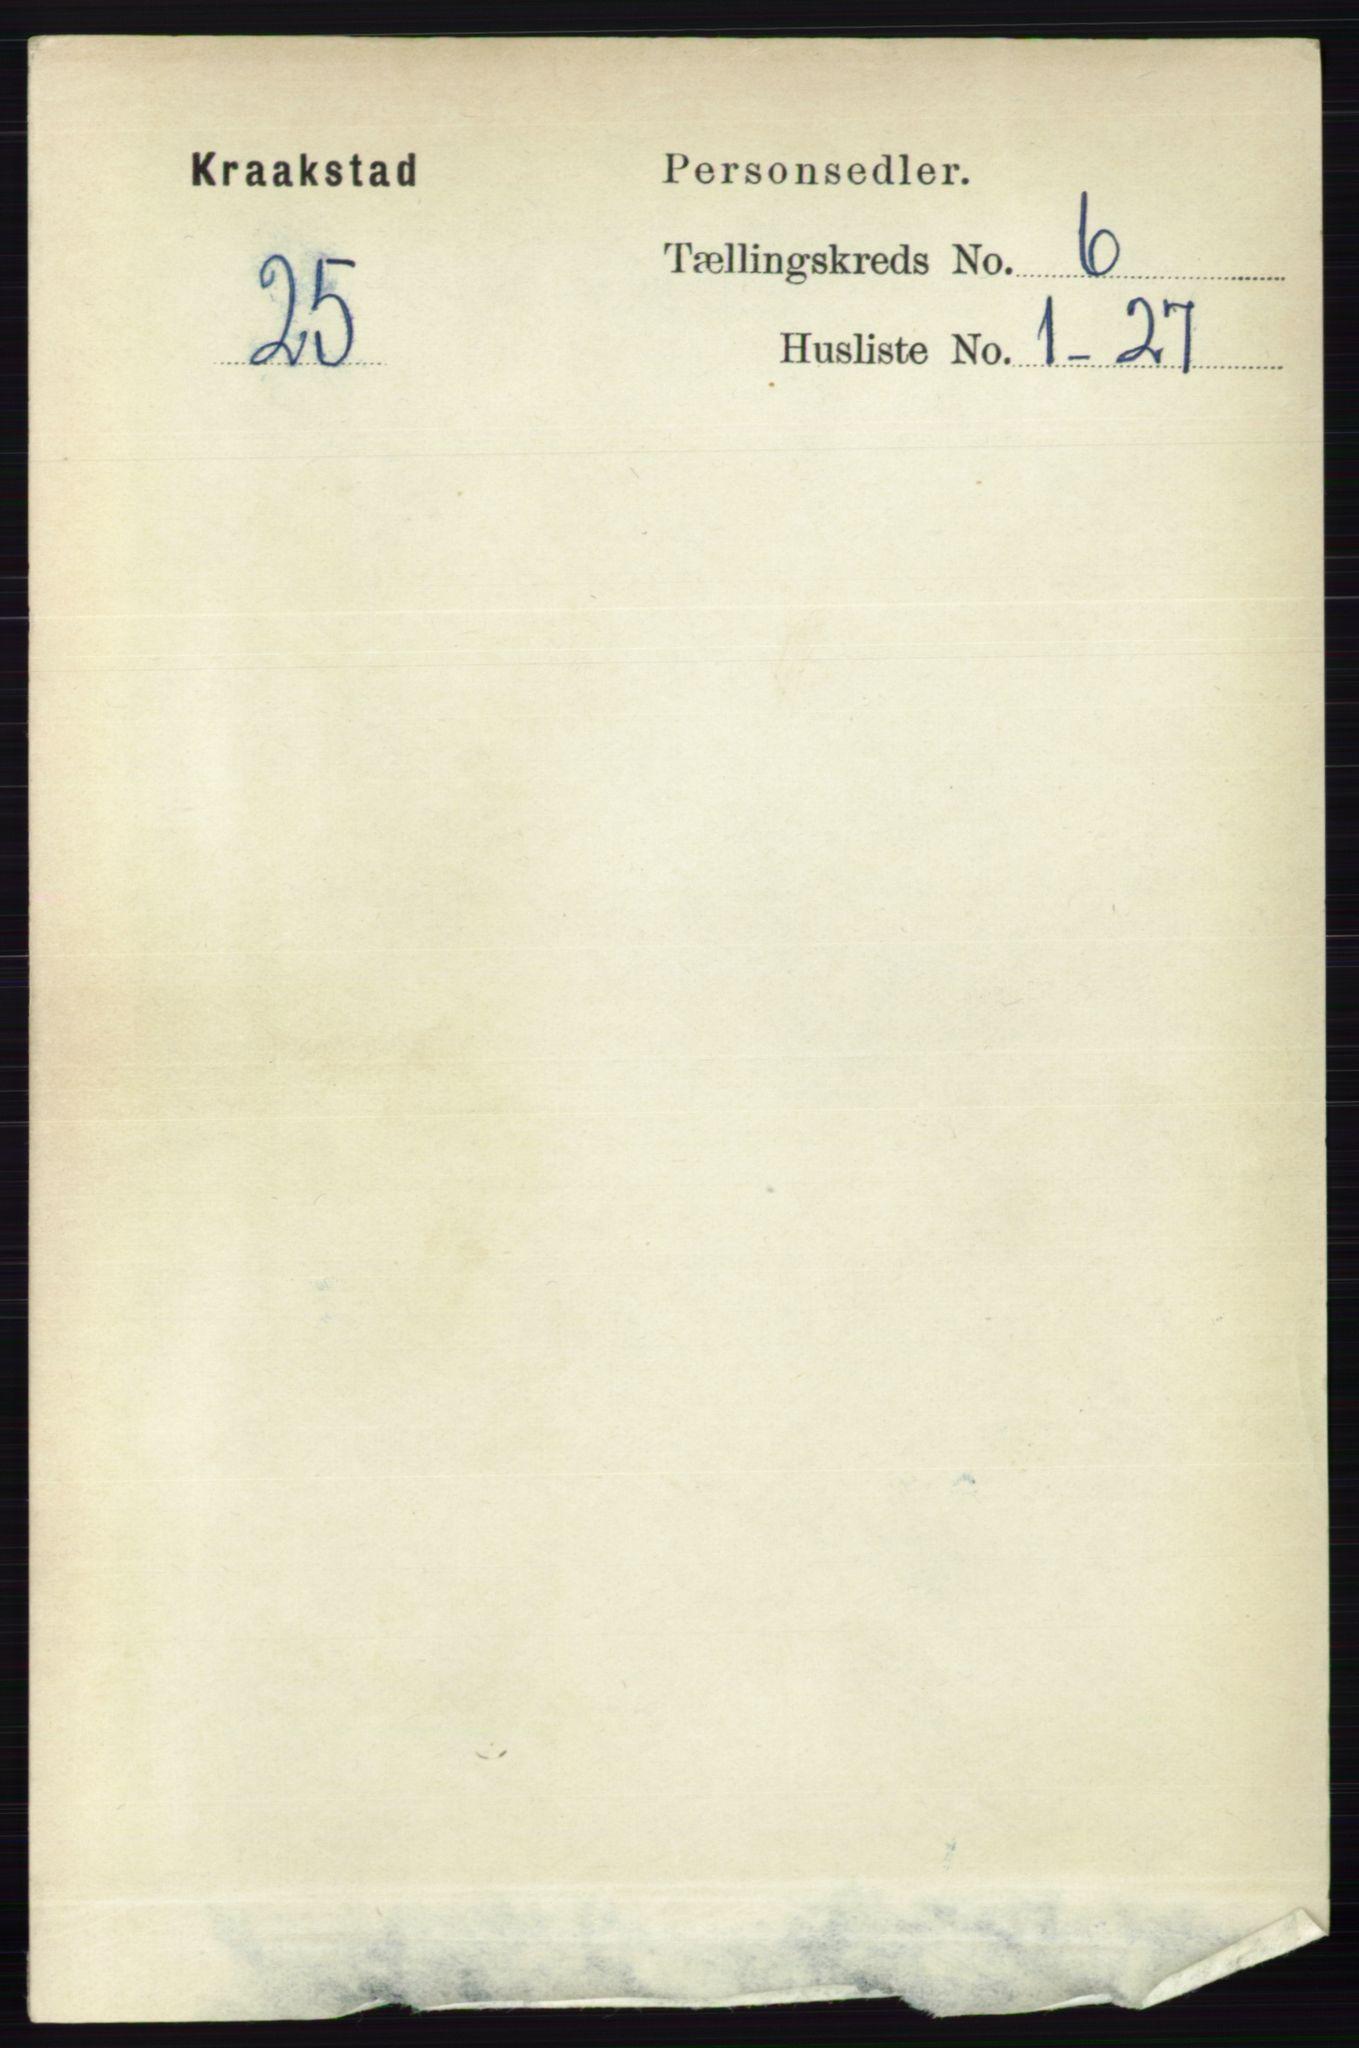 RA, Folketelling 1891 for 0212 Kråkstad herred, 1891, s. 2996